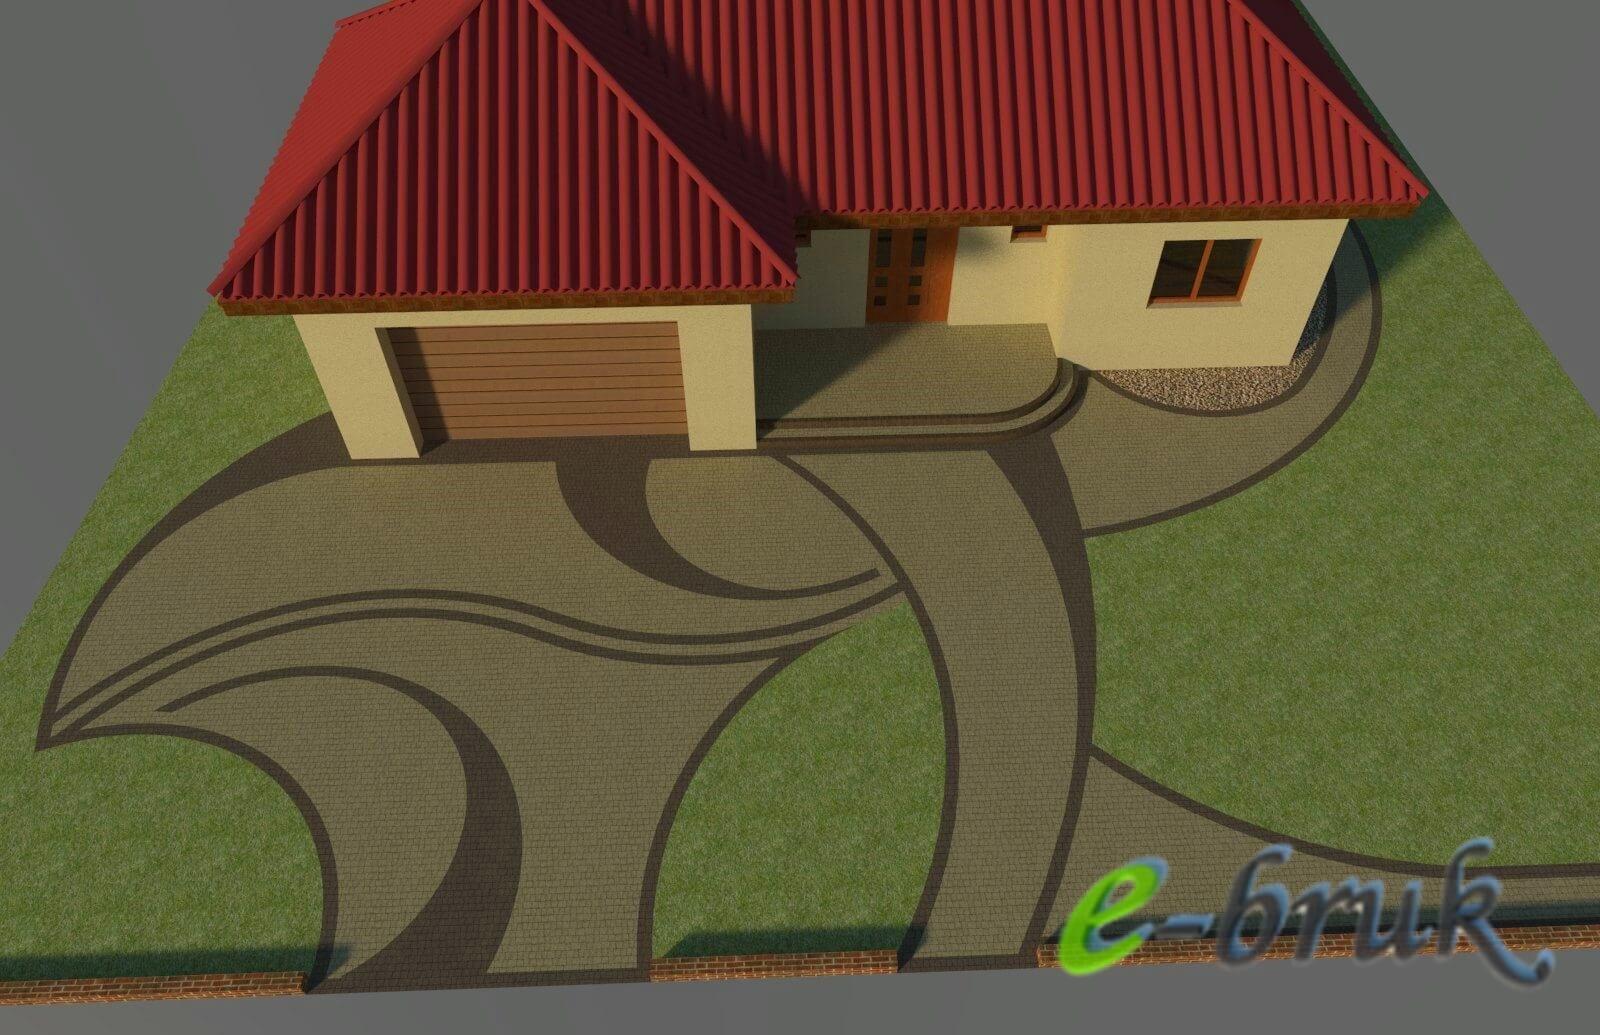 Wybitny PROFESJONALNE PROJEKTY KOSTKI BRUKOWEJ, wzory, wizualizacja 3D KE35